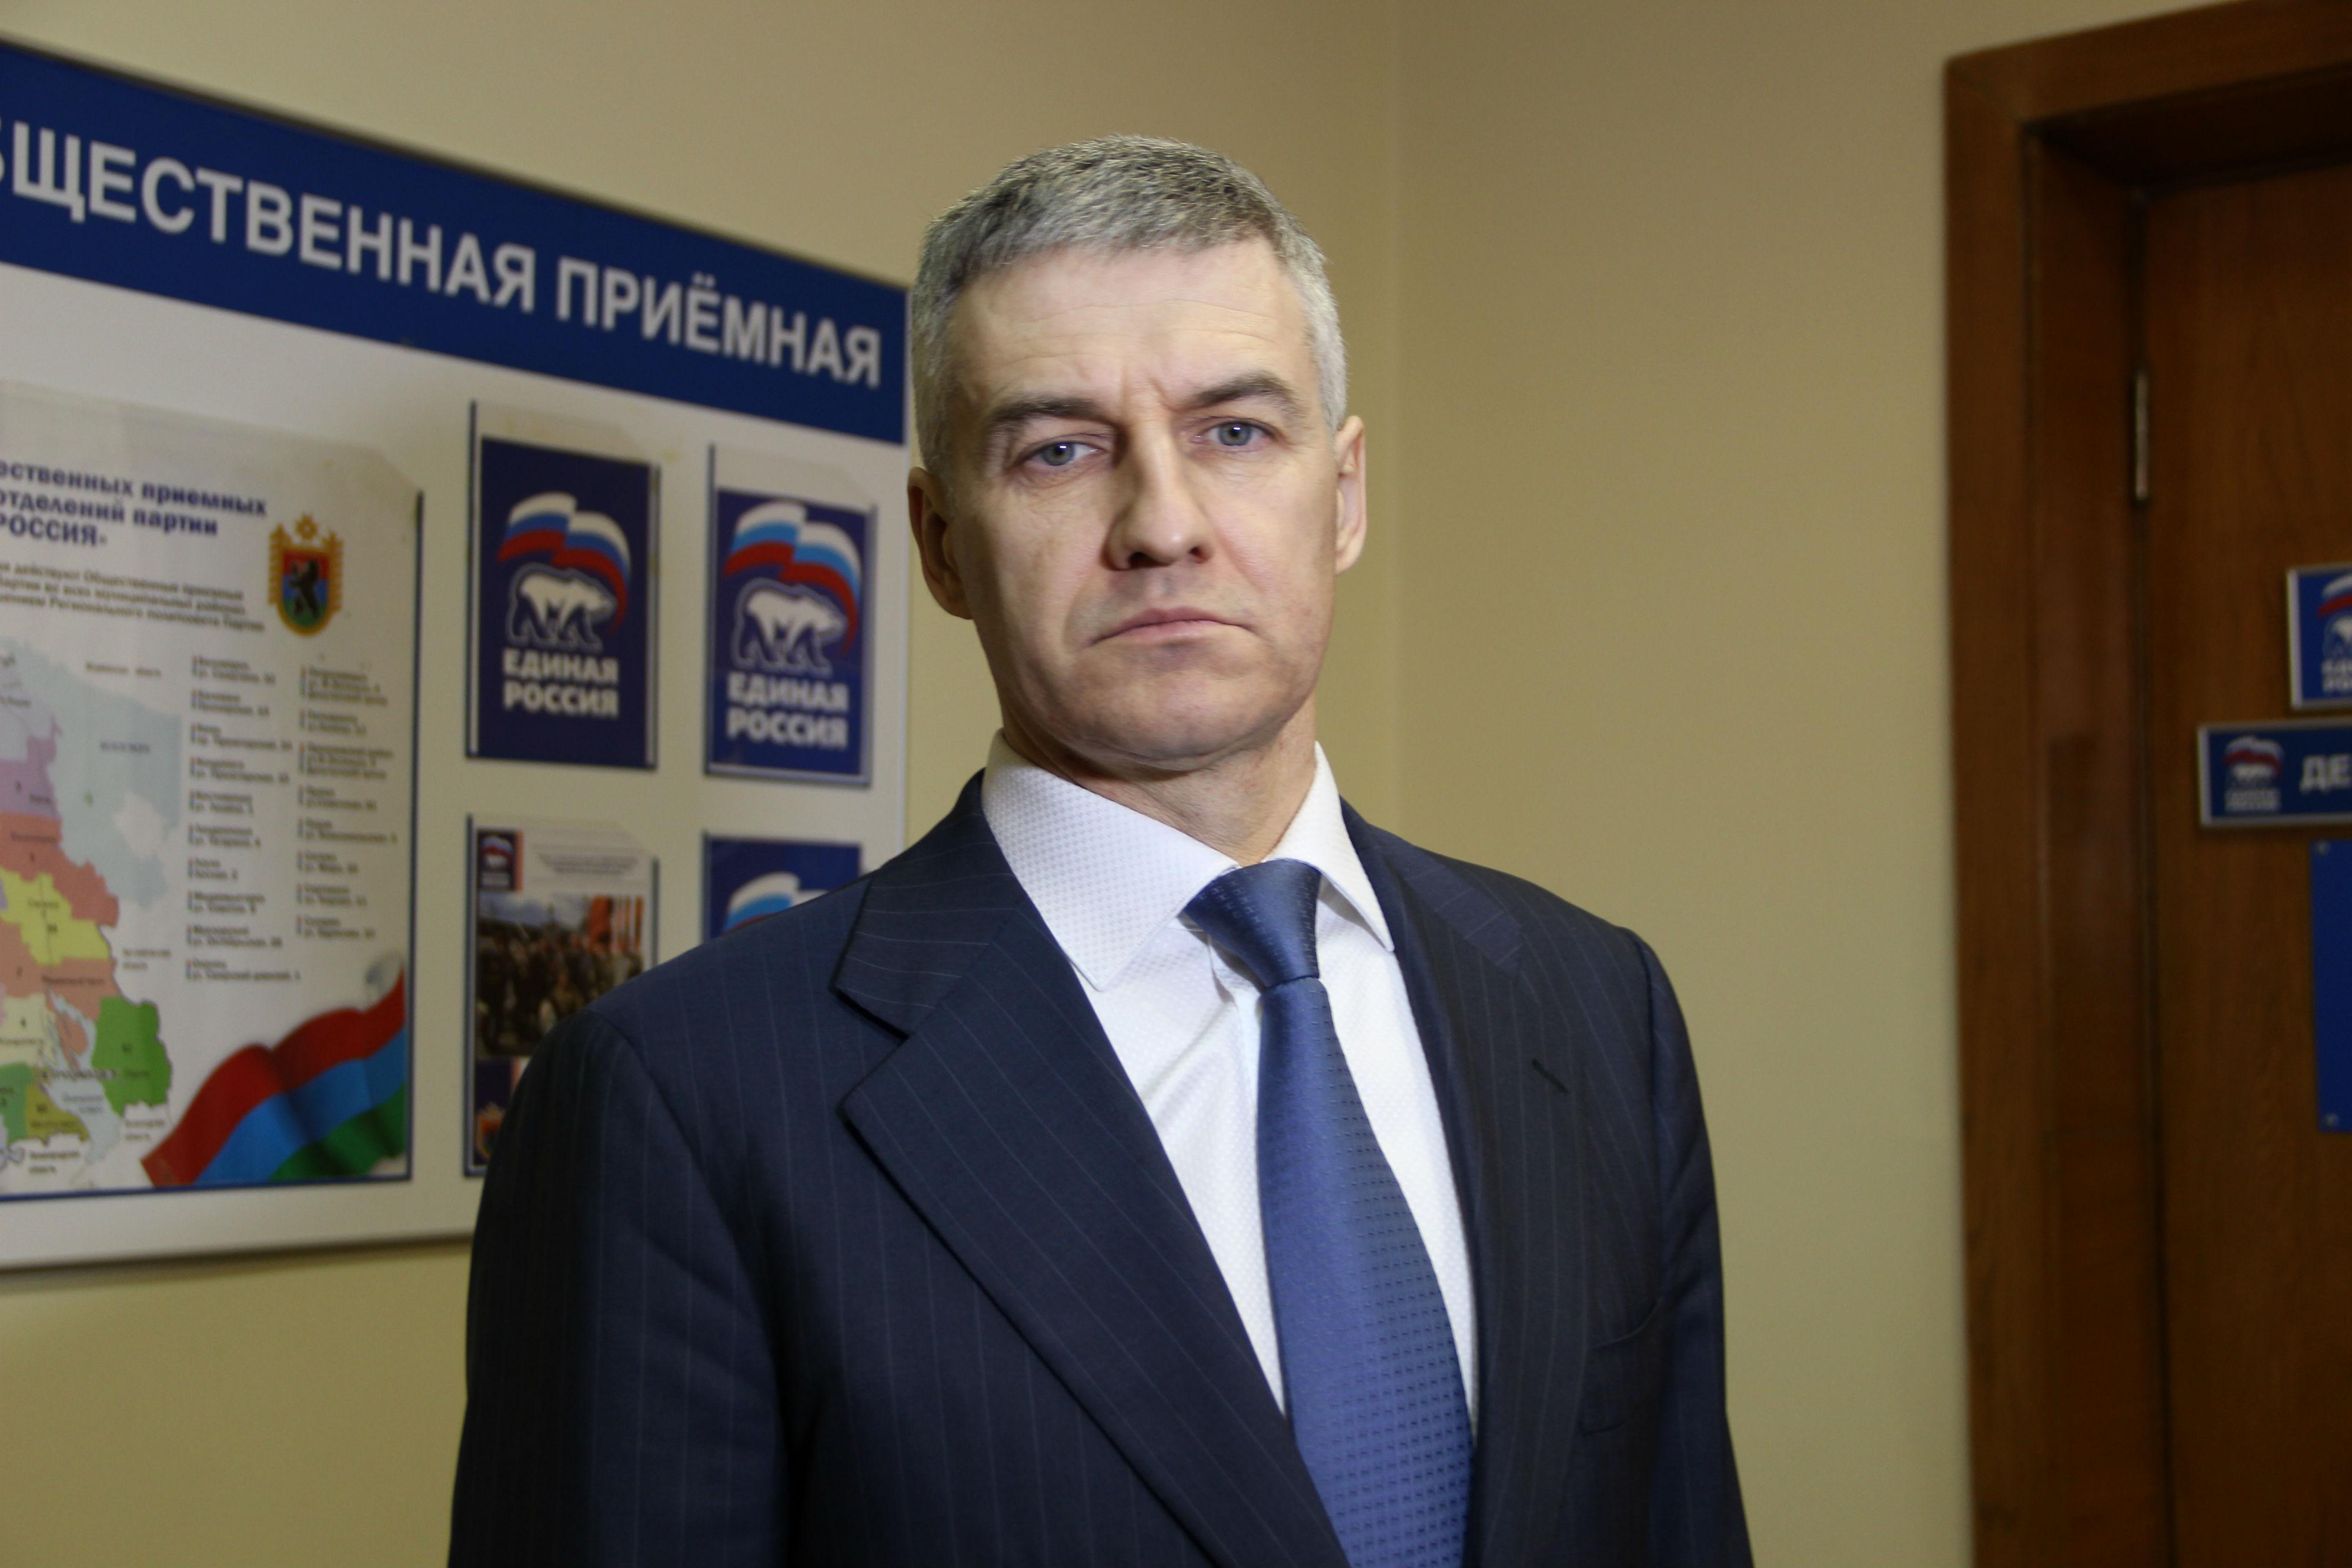 Артур Парфенчиков официально начал поход вгубернаторы